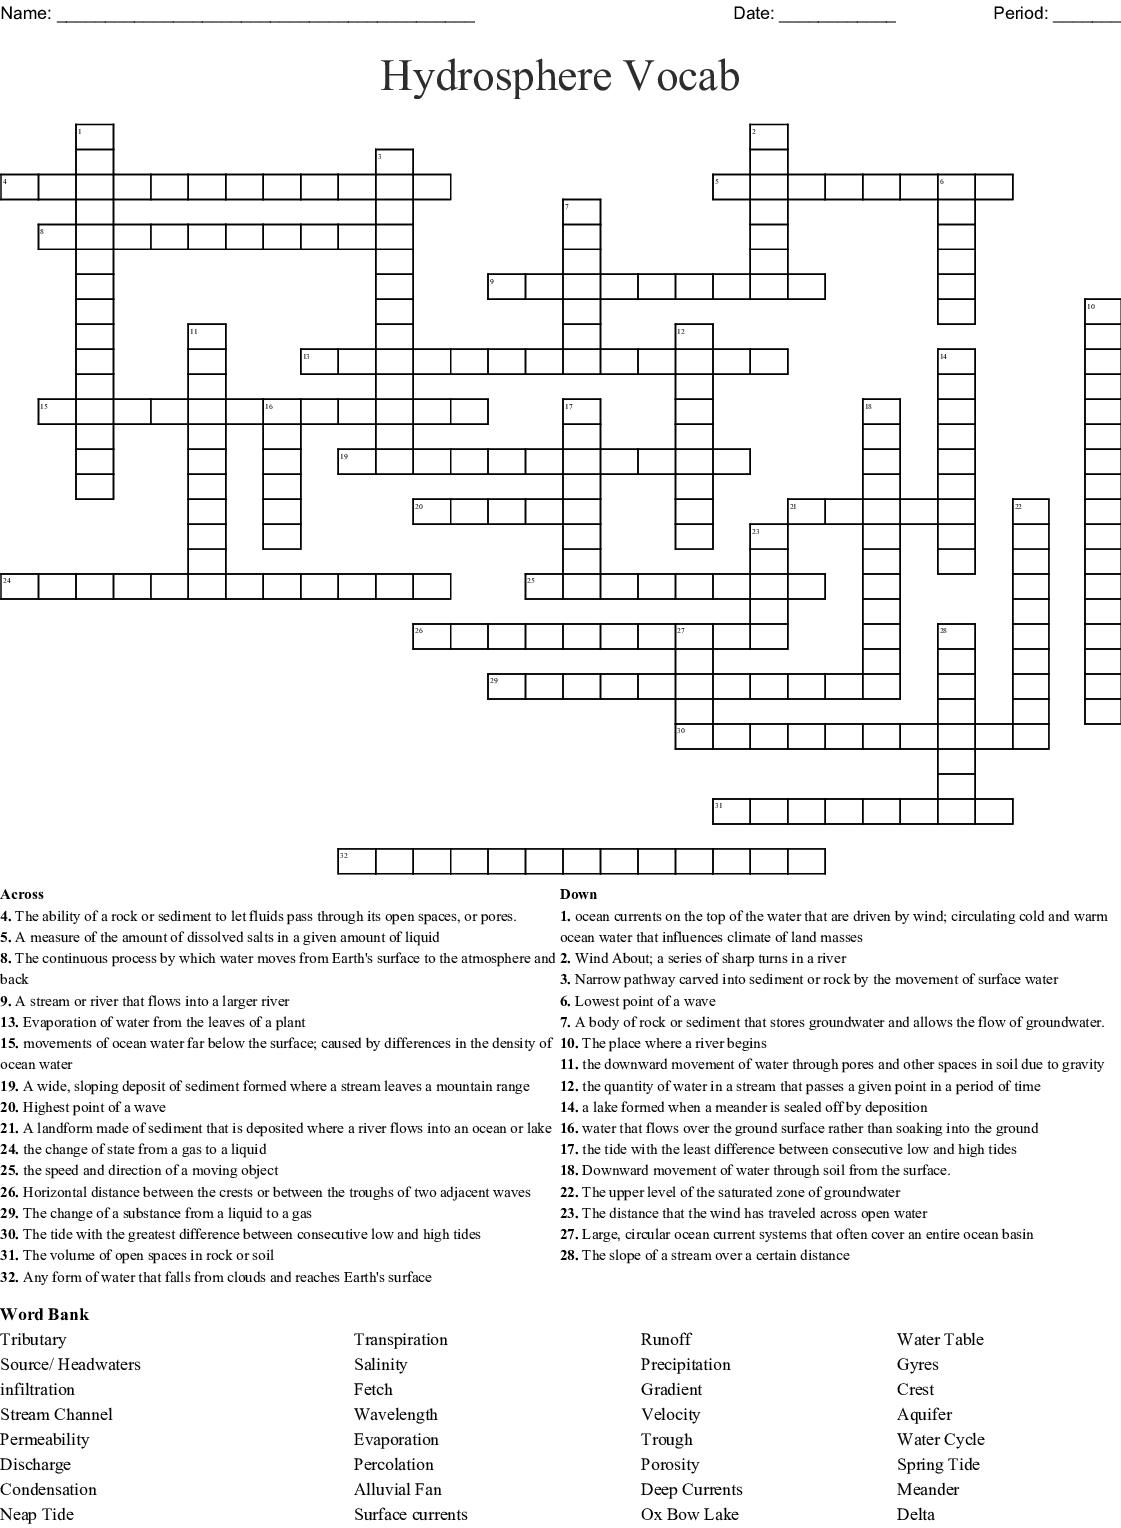 Hydrosphere Vocab Crossword